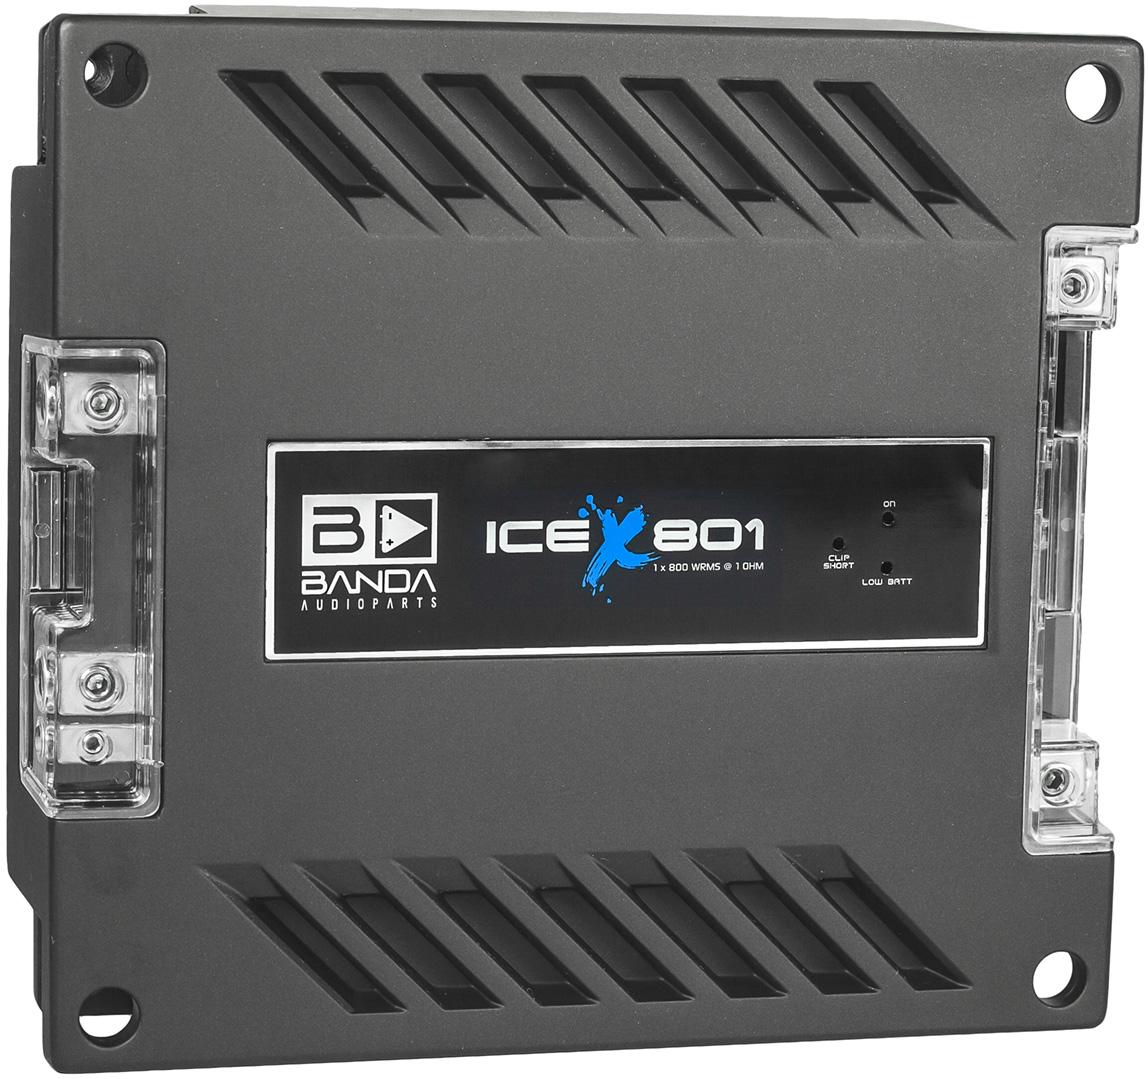 ice-x-801-diagonal-19 ICE X